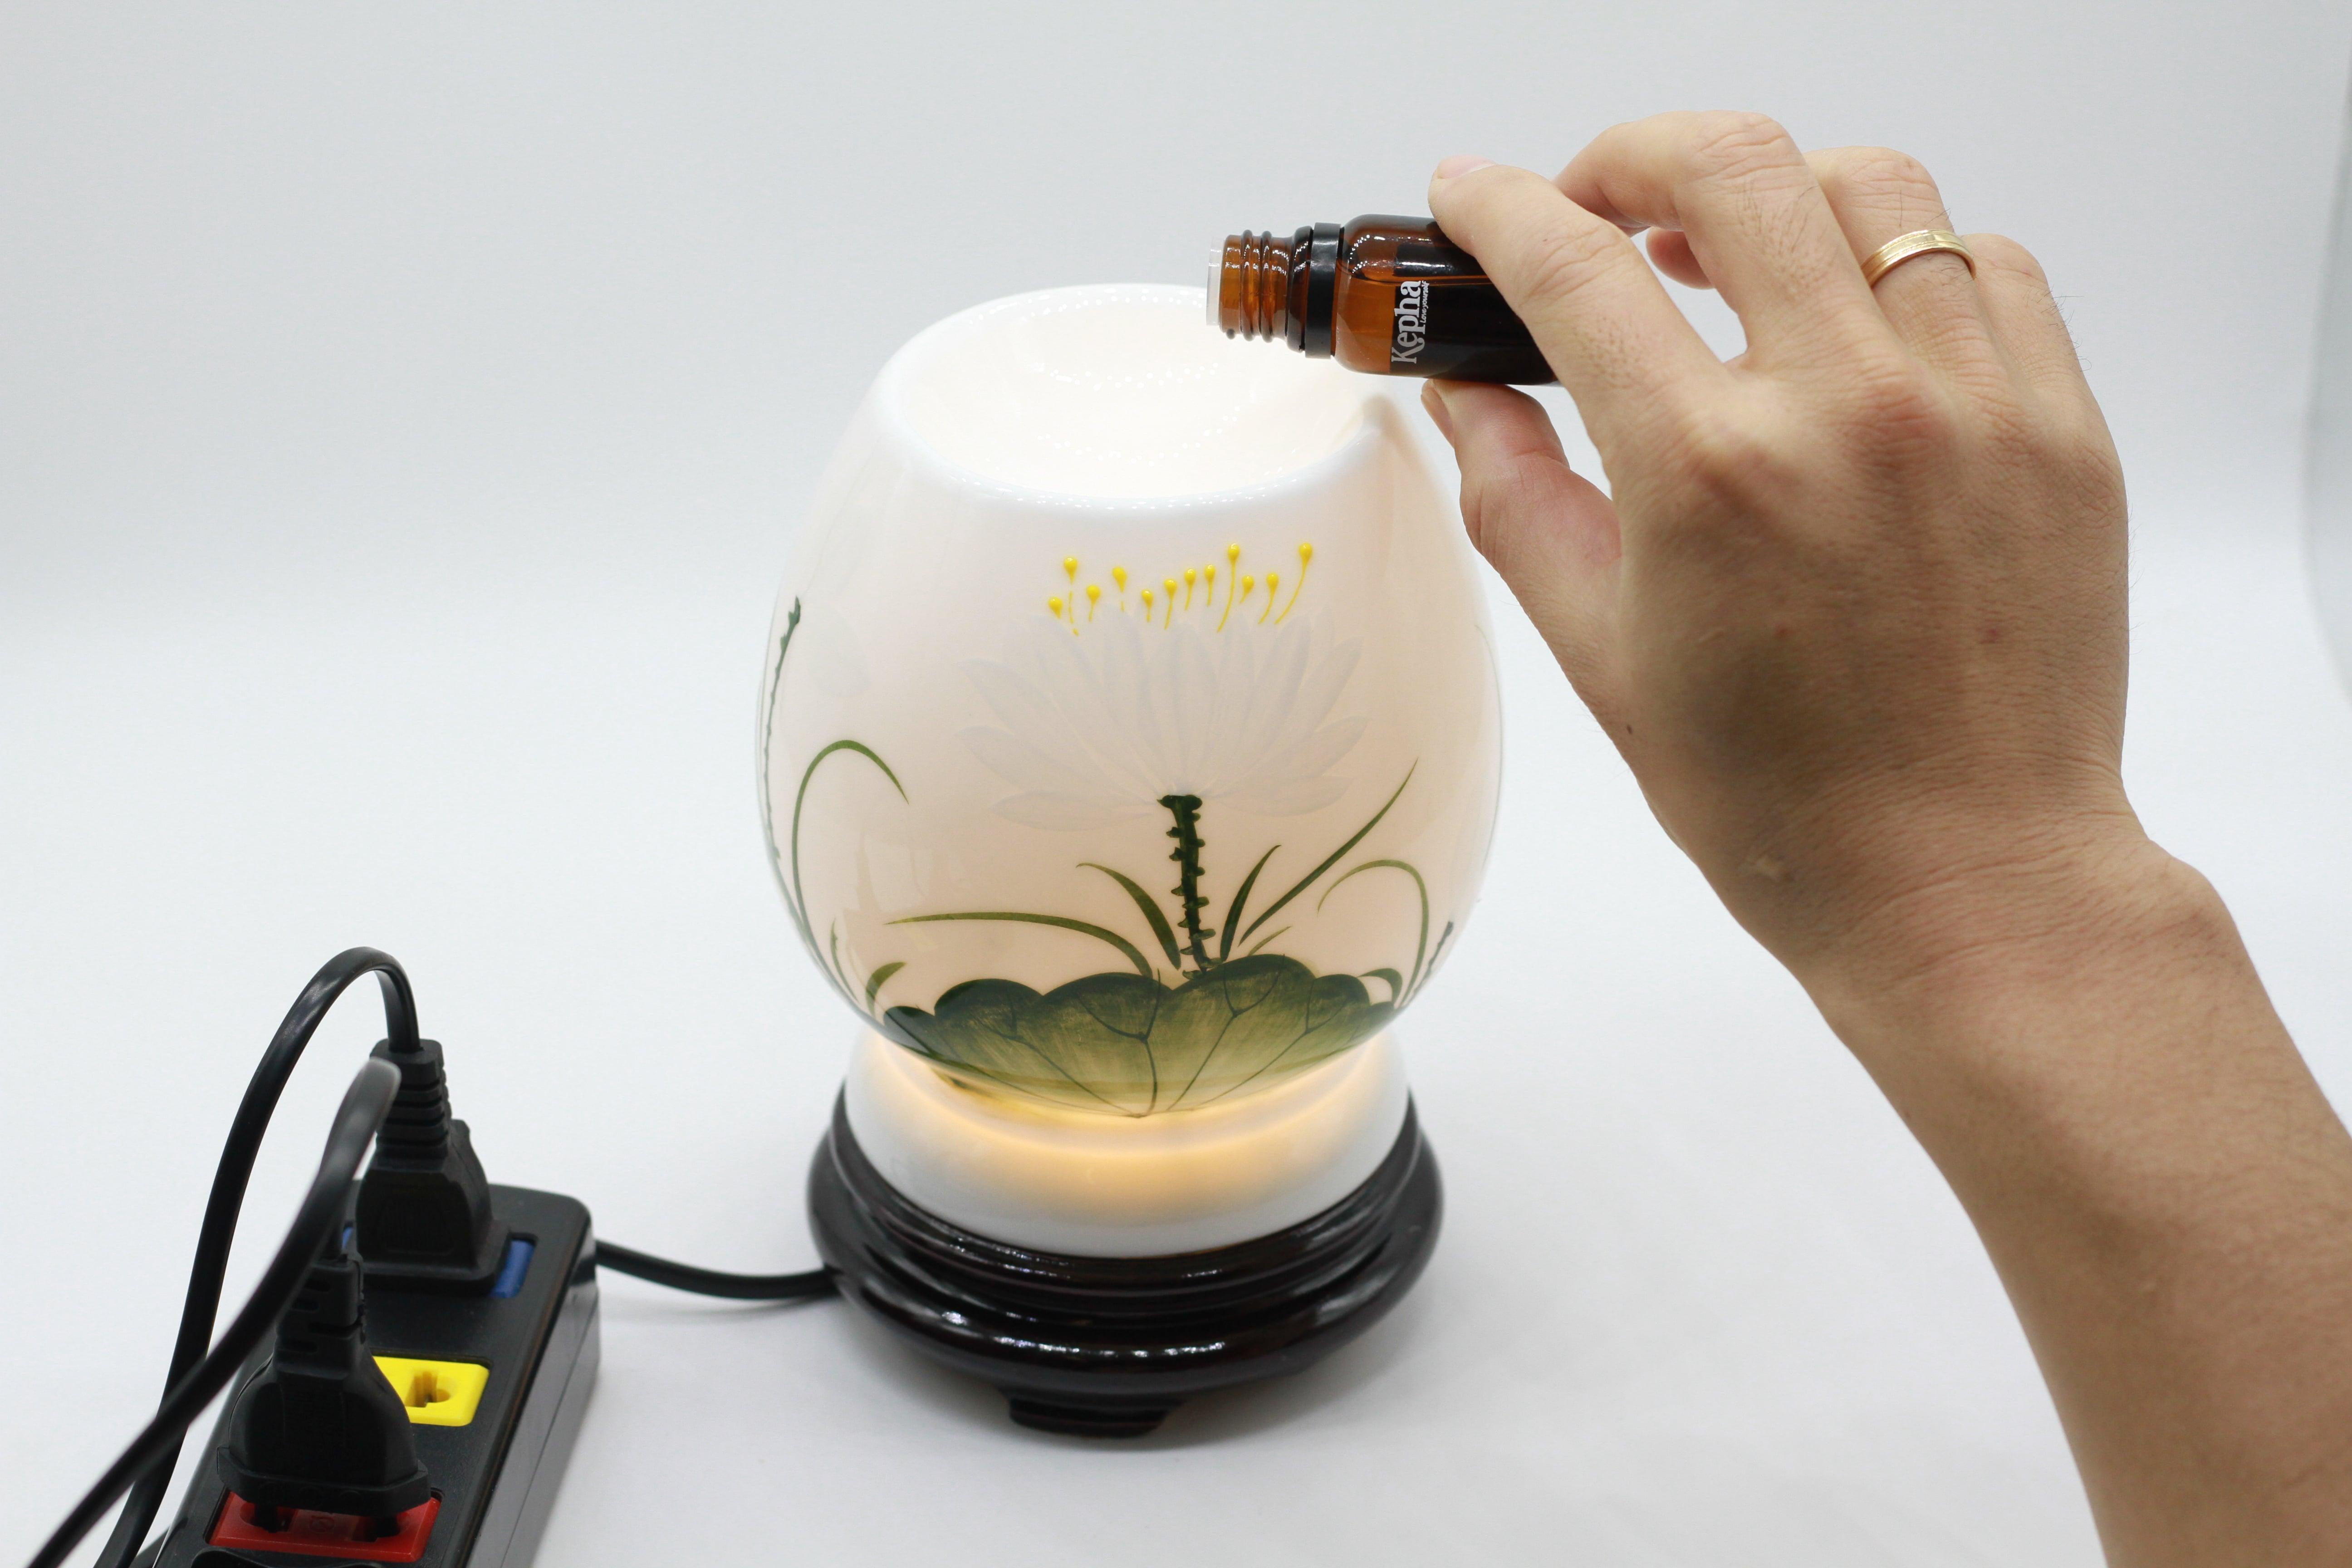 Cho 3-5 giọt tinh dầu vào đĩa đèn